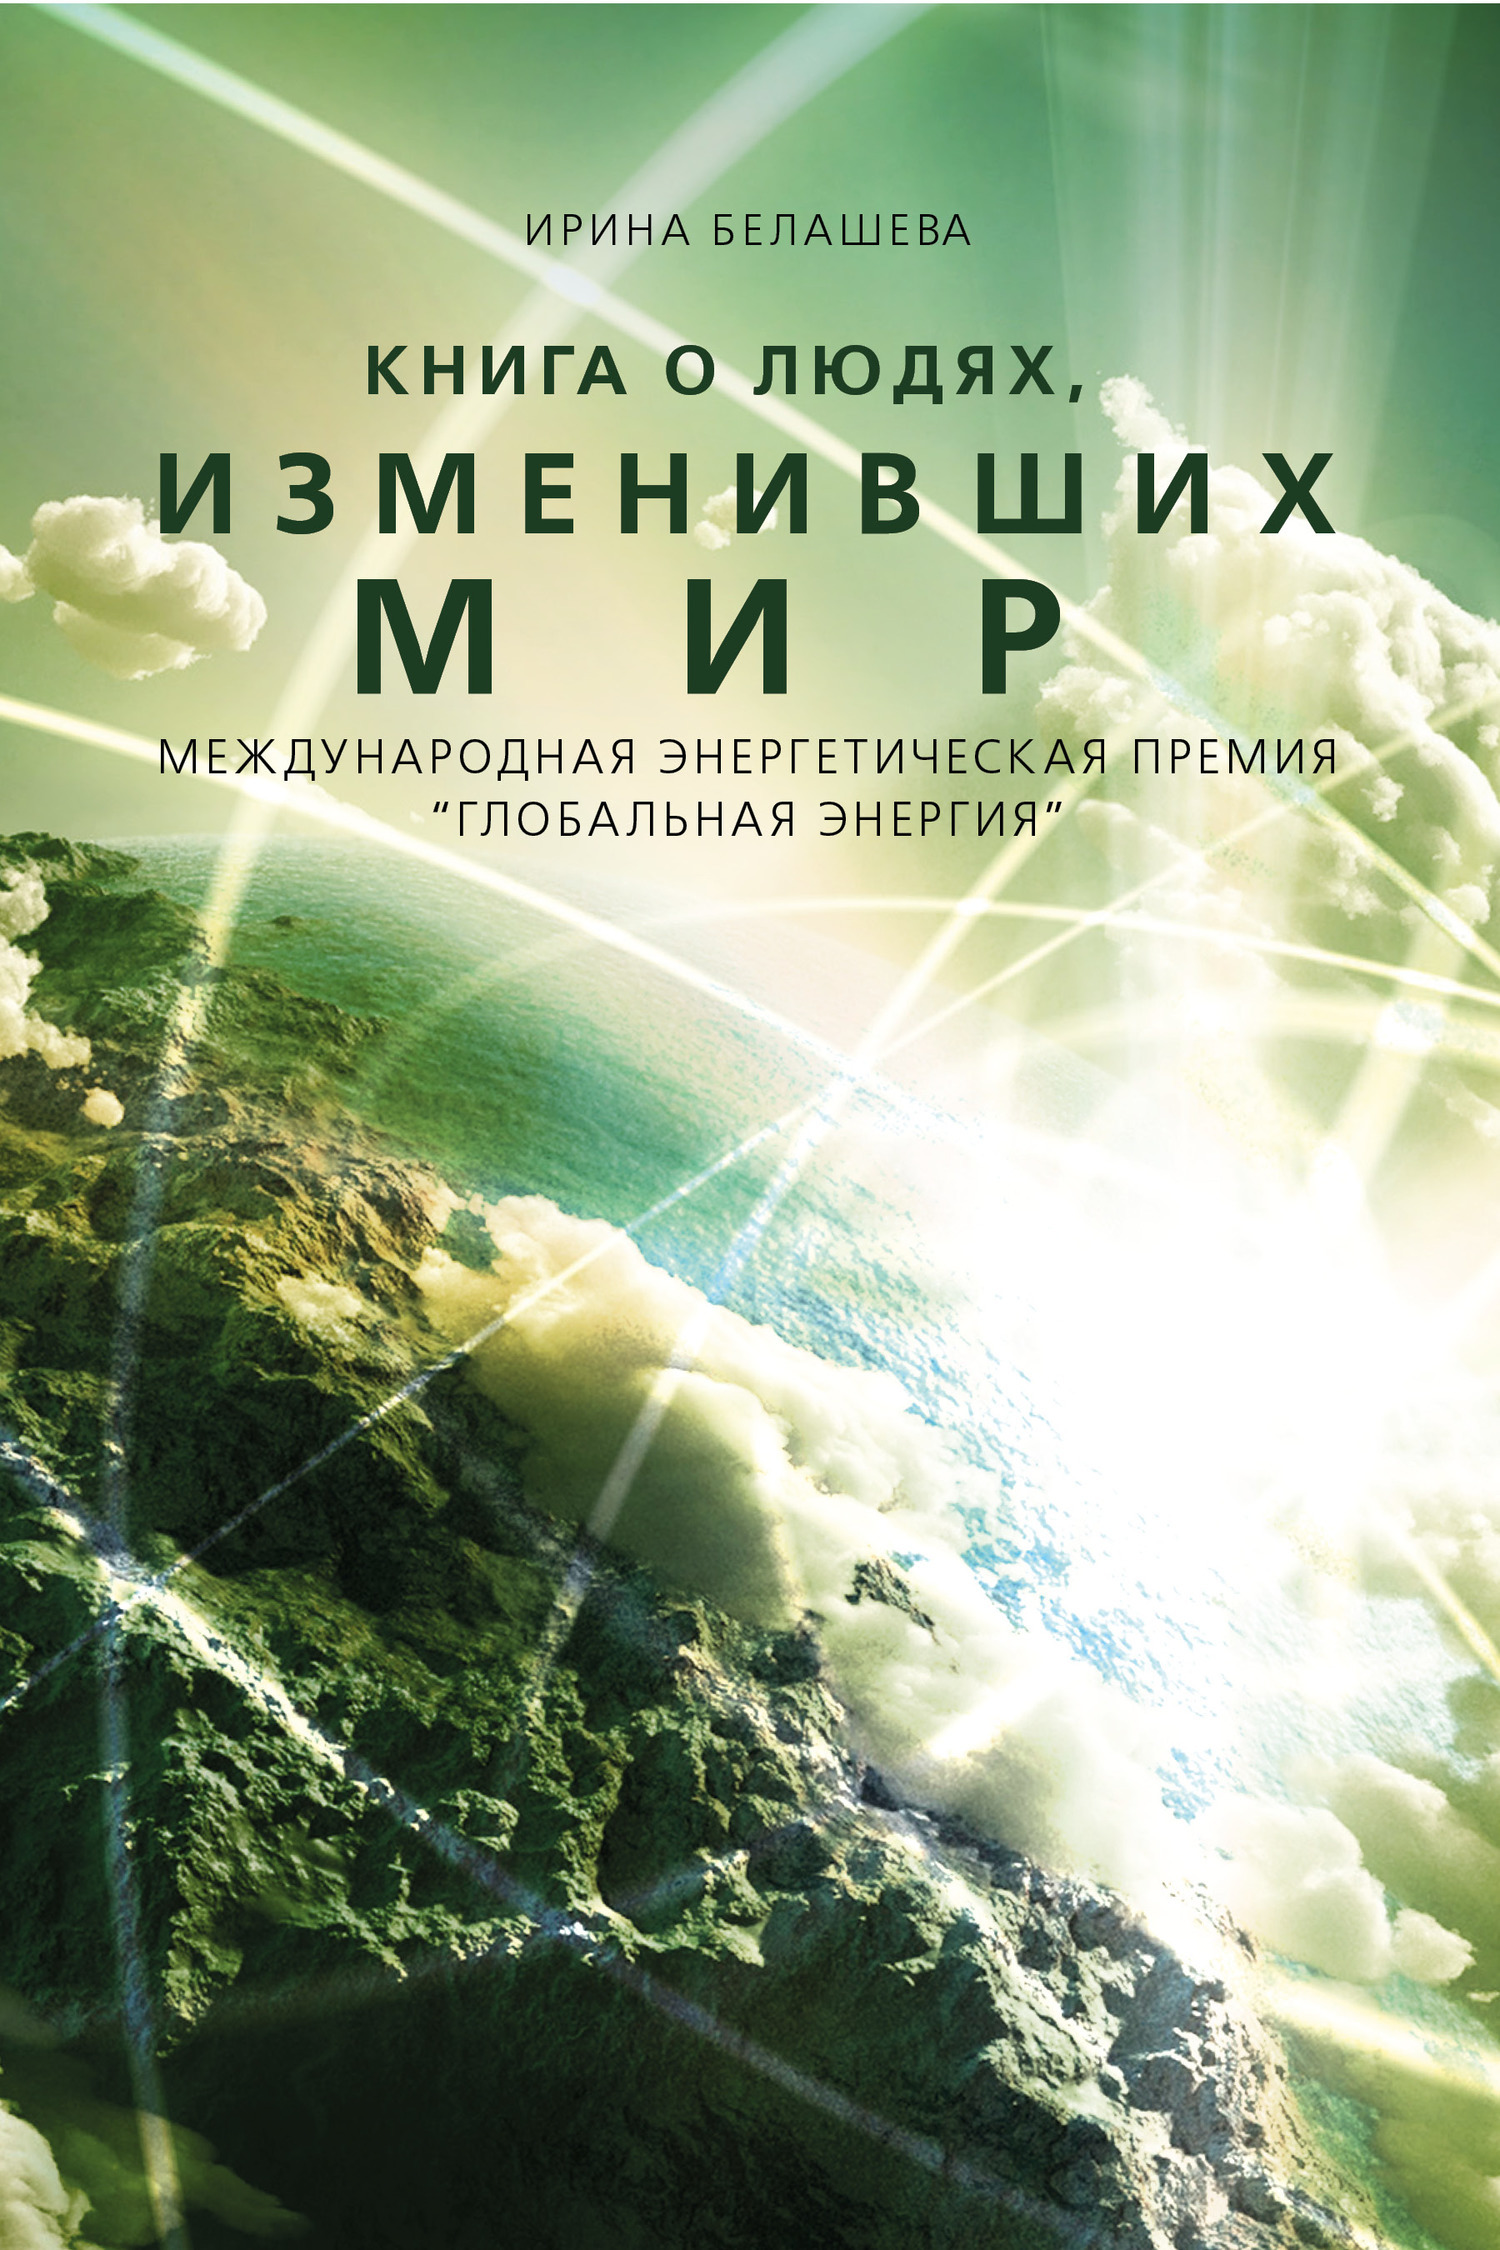 Книга о людях, изменивших мир